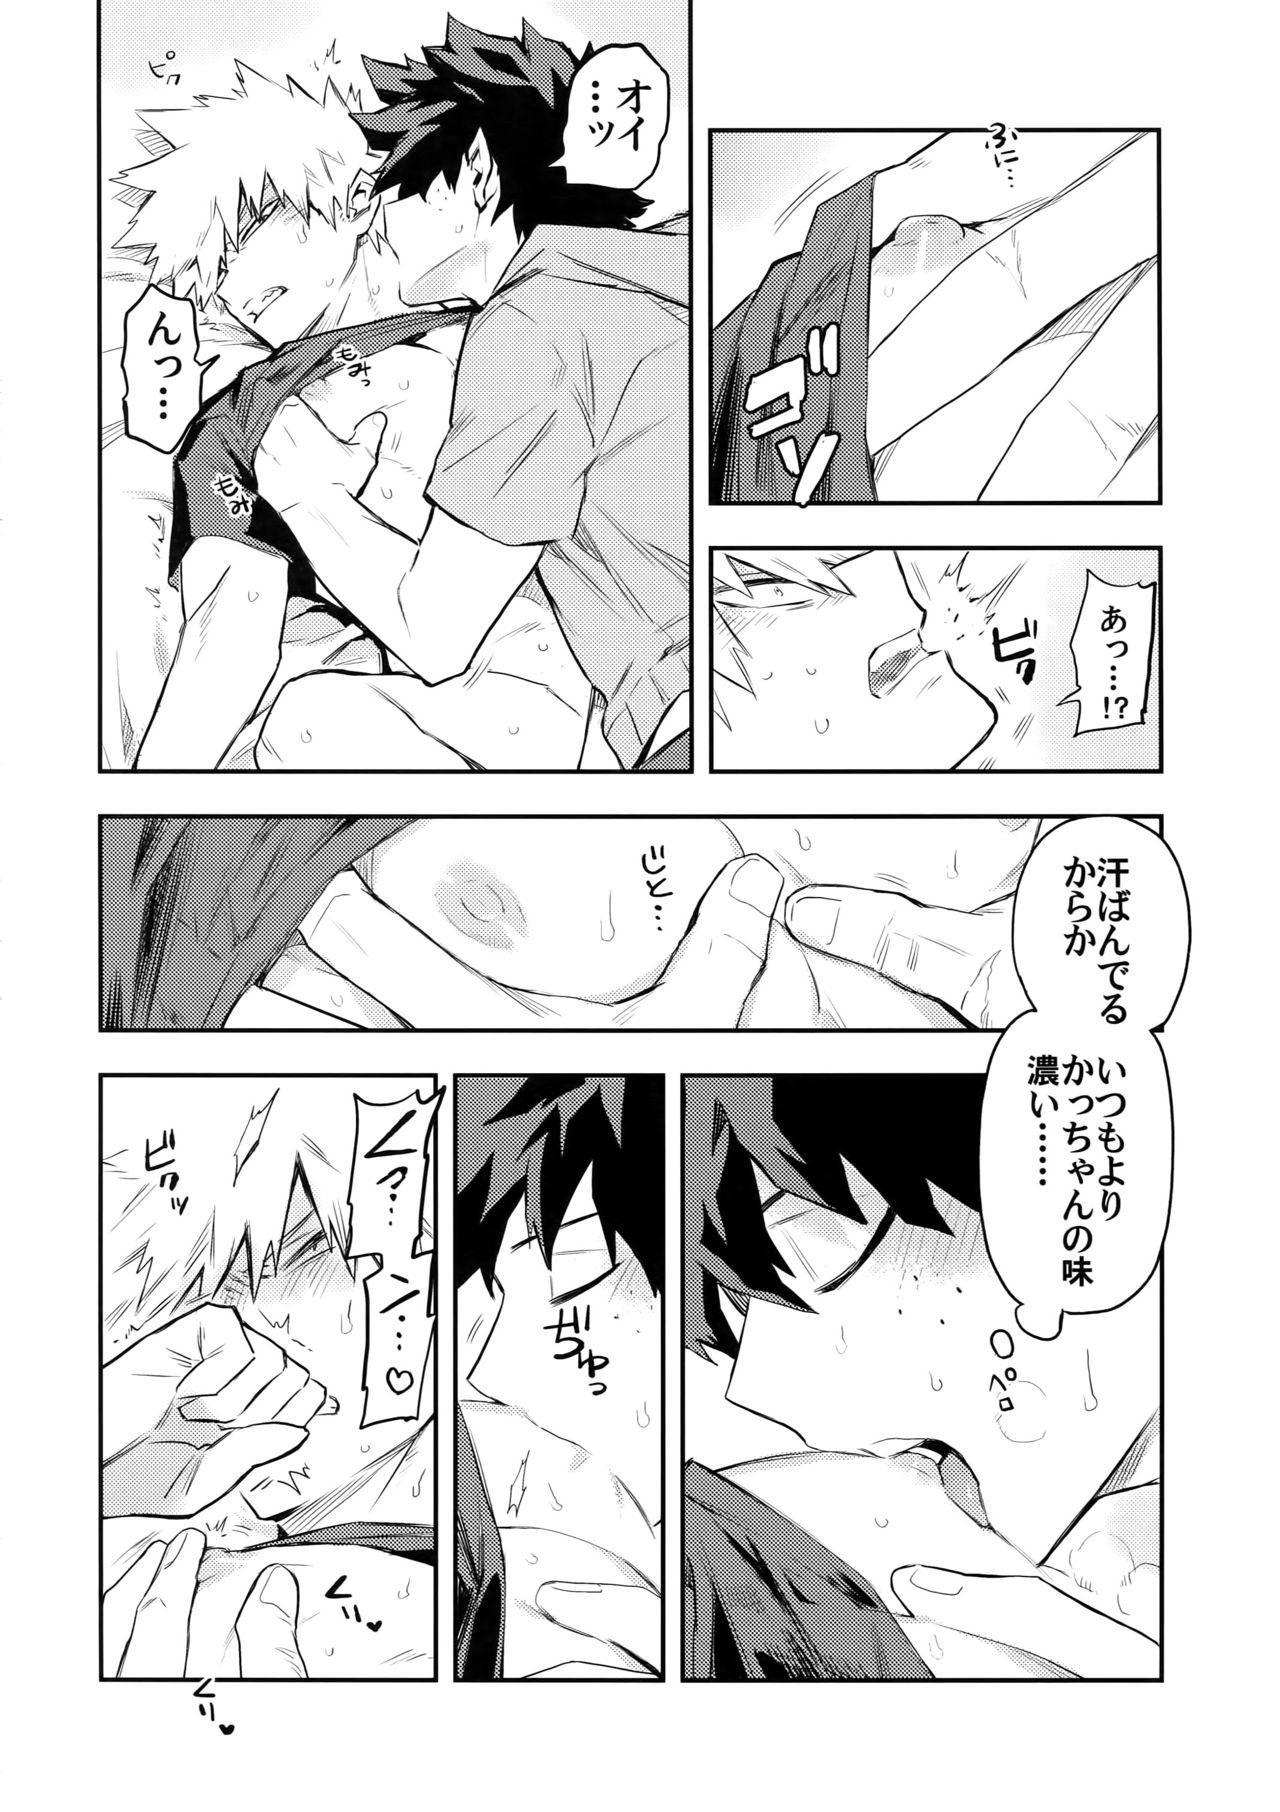 Kazehiki Kacchan to Boku no Koubousen 12